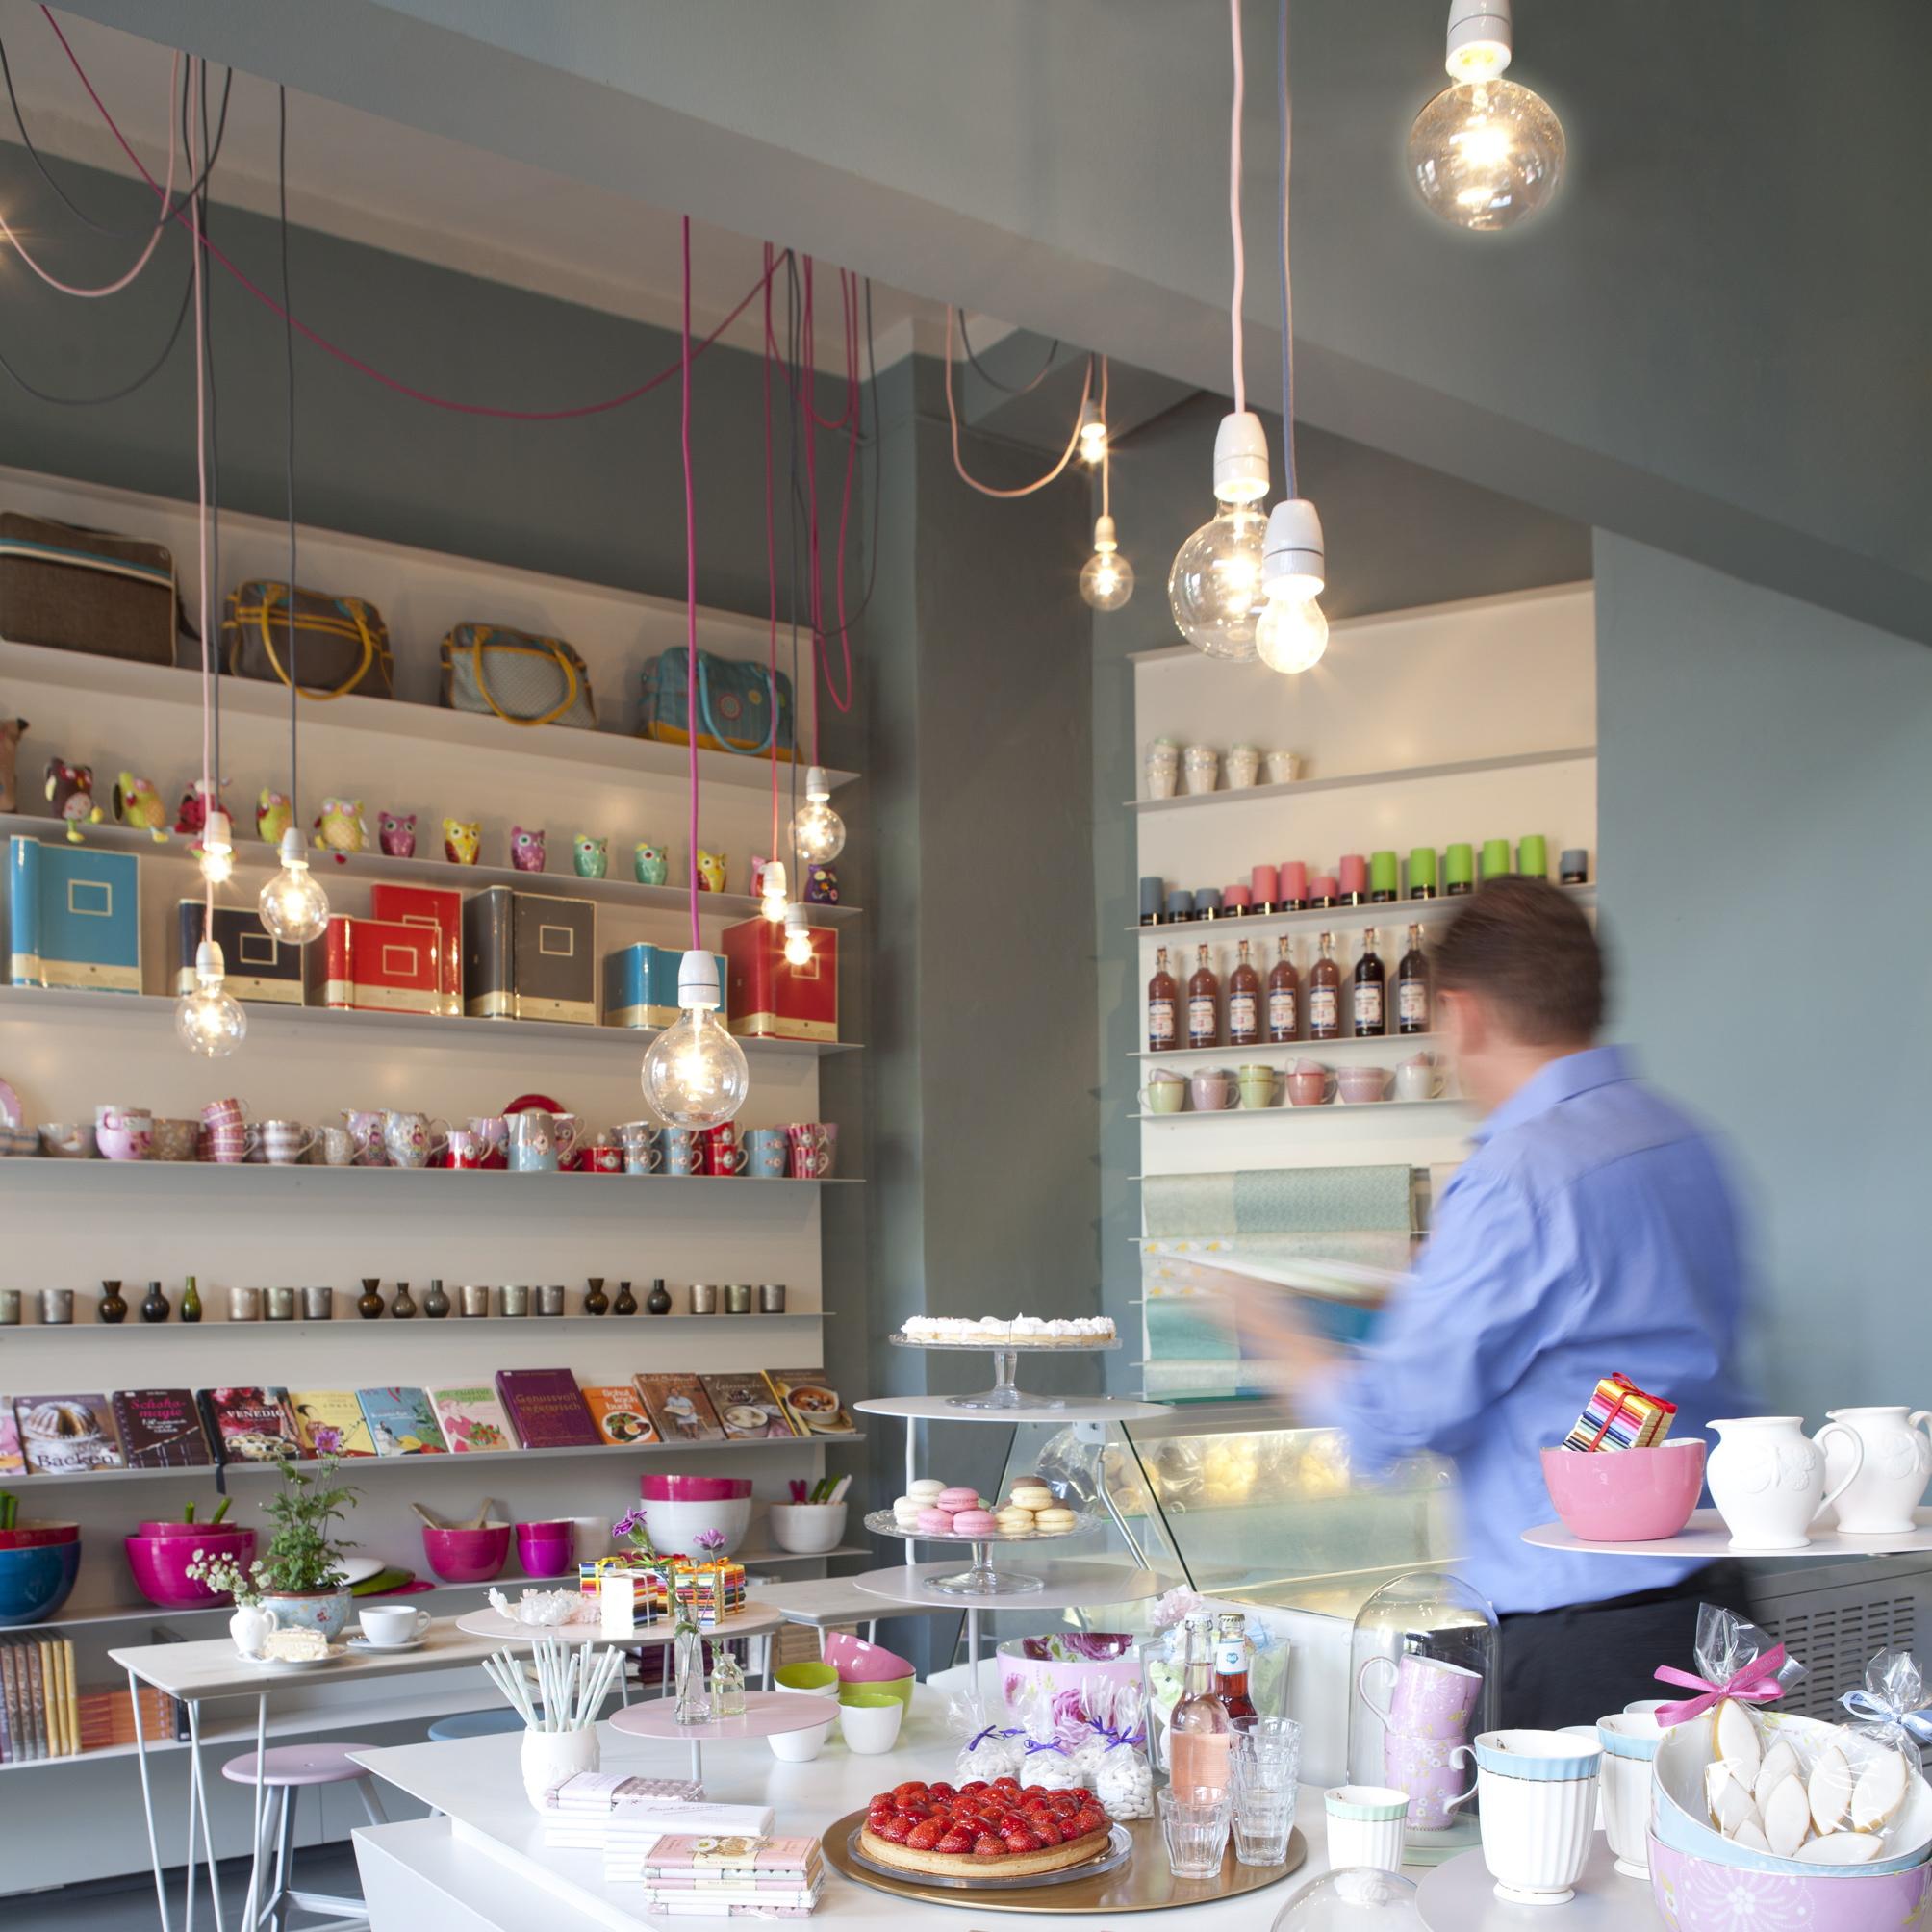 Susskramdealer Feine Susswaren Und Cafe Berlin Creme Guides